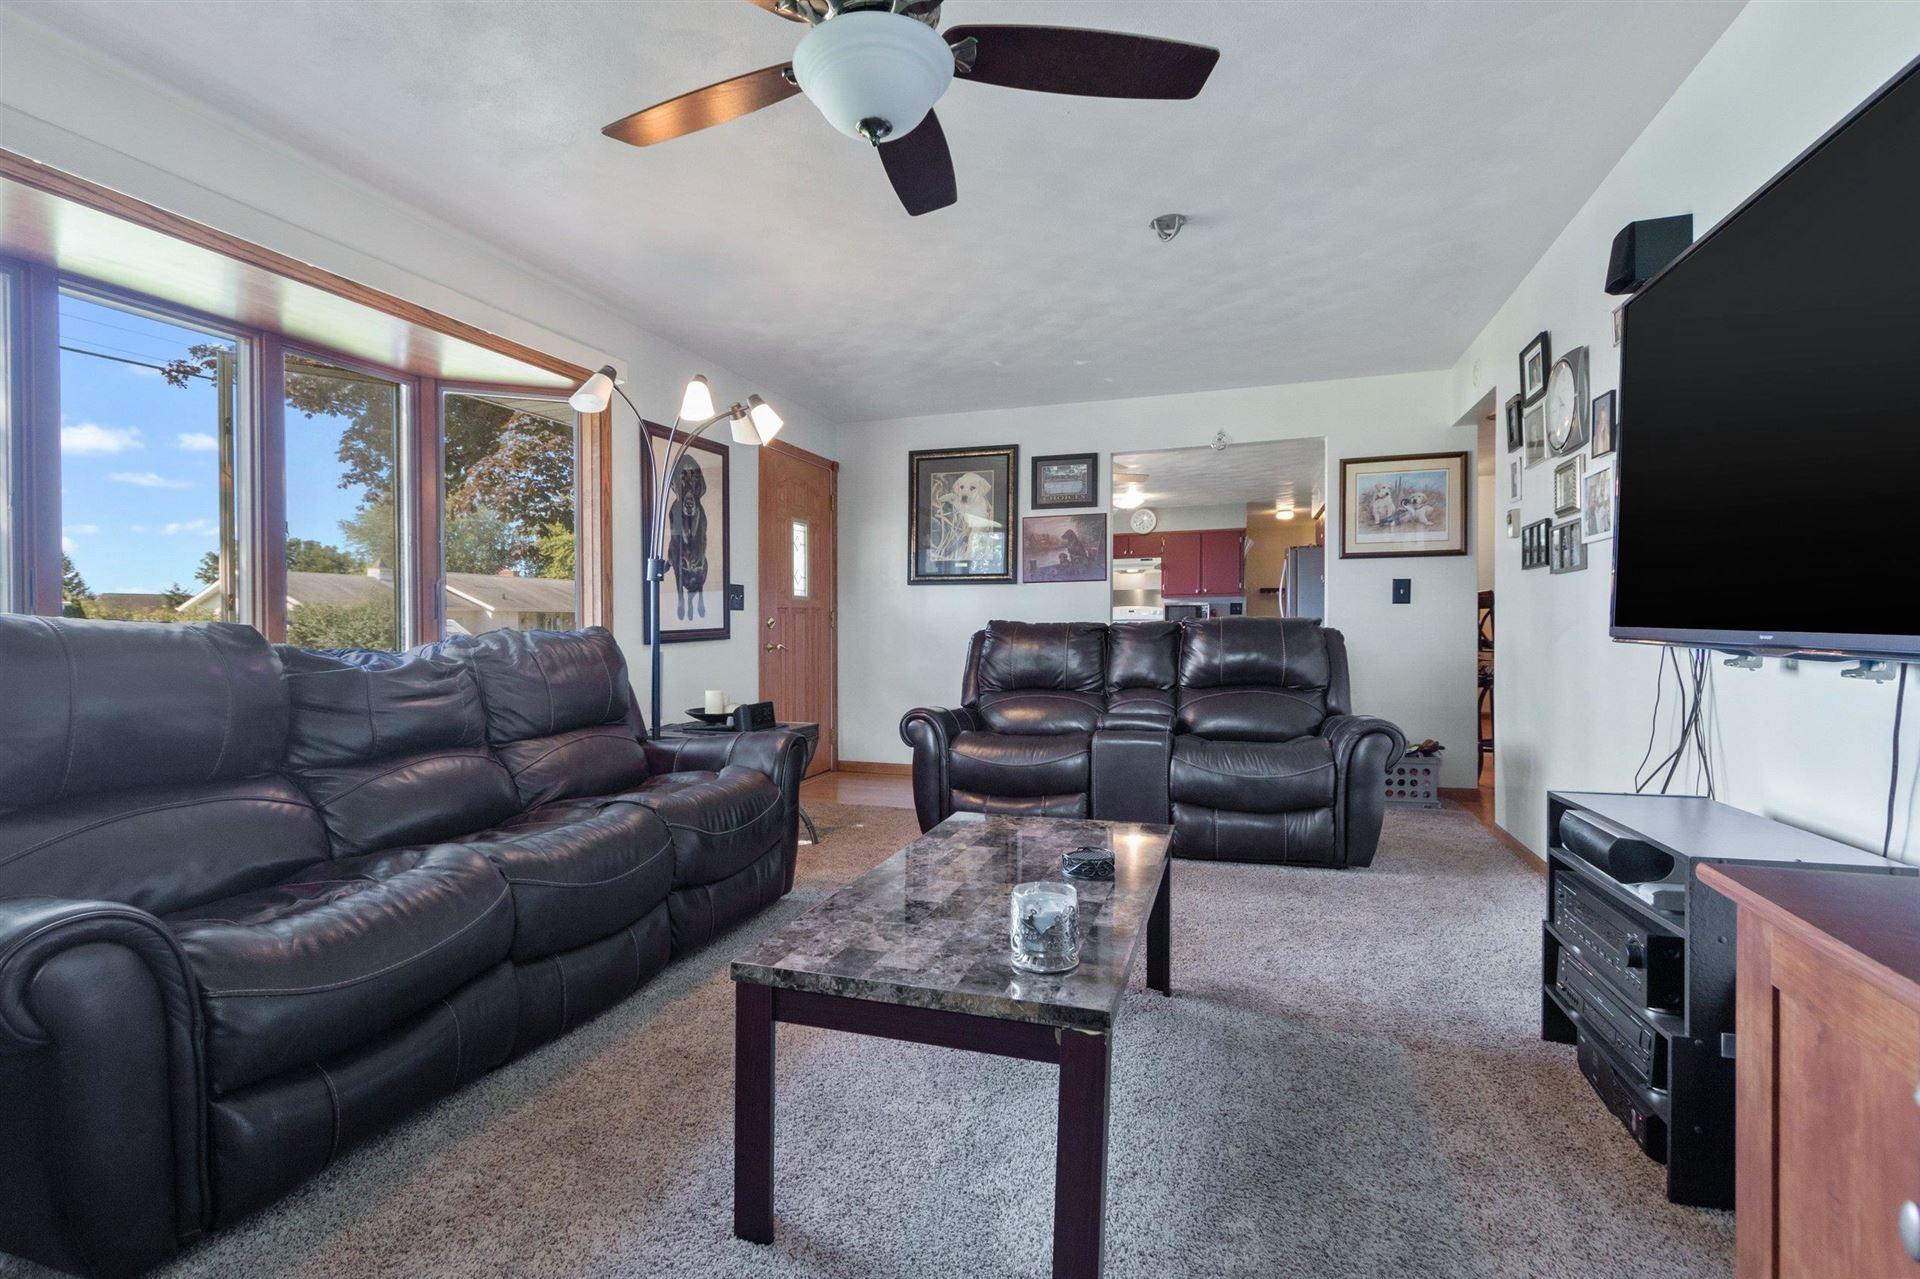 Photo of 5520 W SANDRA Drive, APPLETON, WI 54913 (MLS # 50247717)